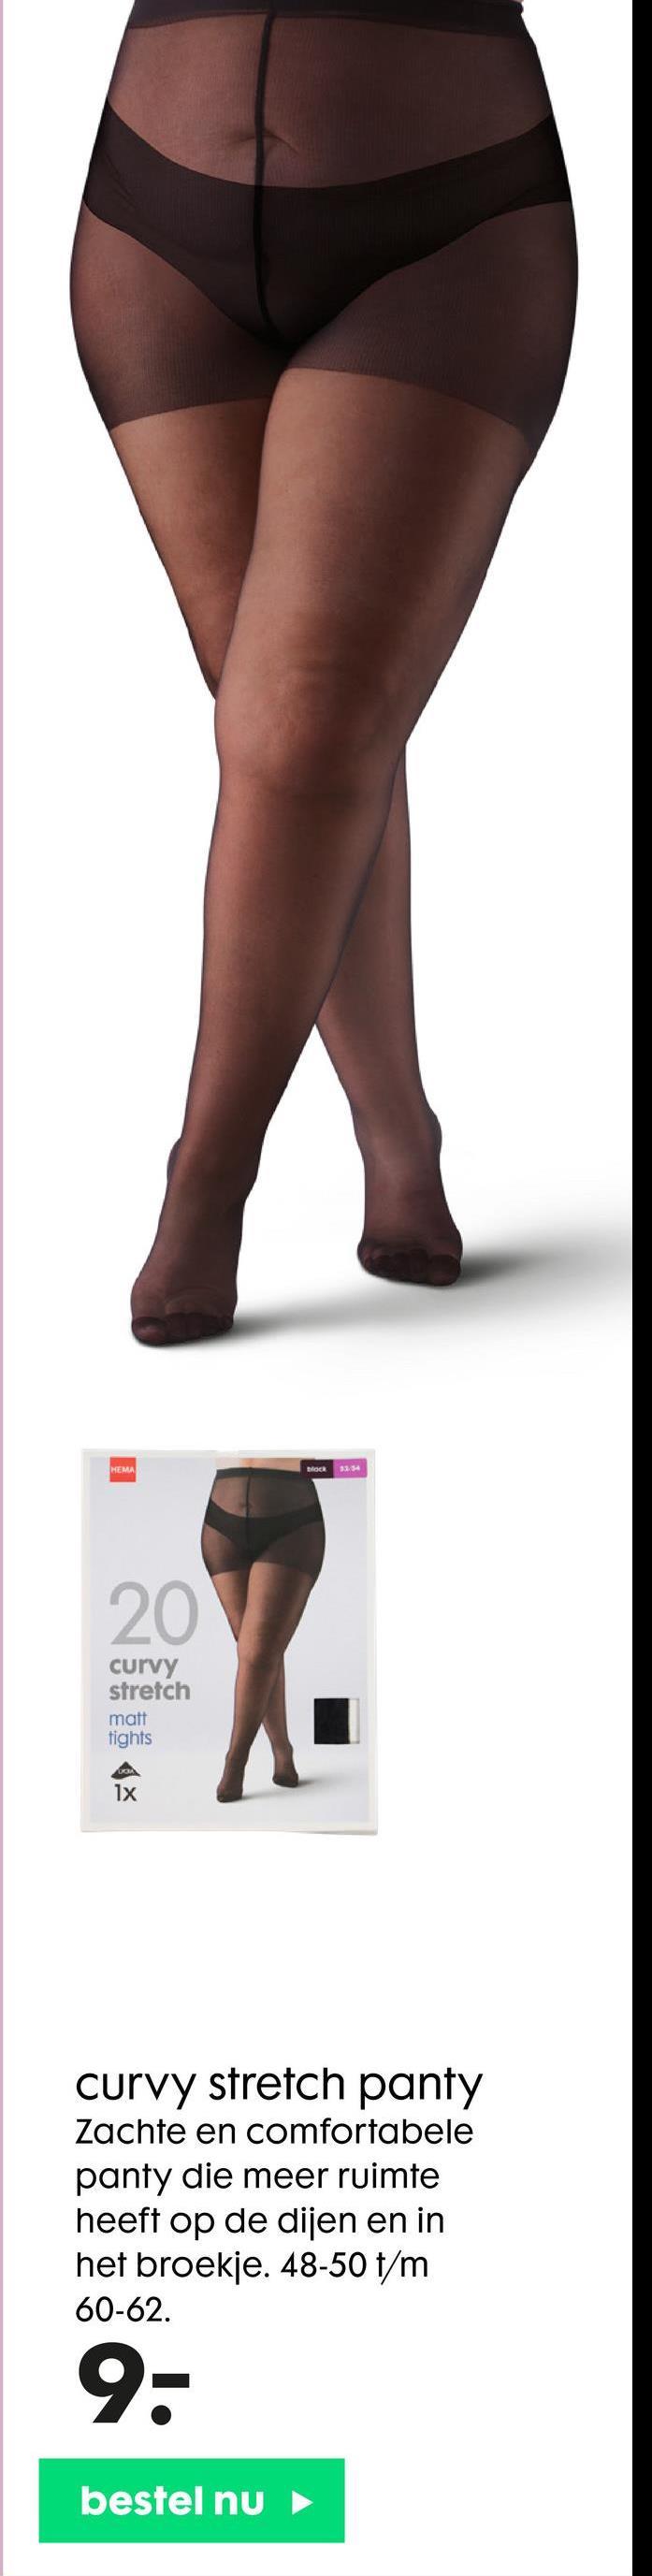 HEMA Block 3254 20 curvy stretch matt tights 1x curvy stretch panty Zachte en comfortabele panty die meer ruimte heeft op de dijen en in het broekje. 48-50 t/m 60-62. 9- bestel nu